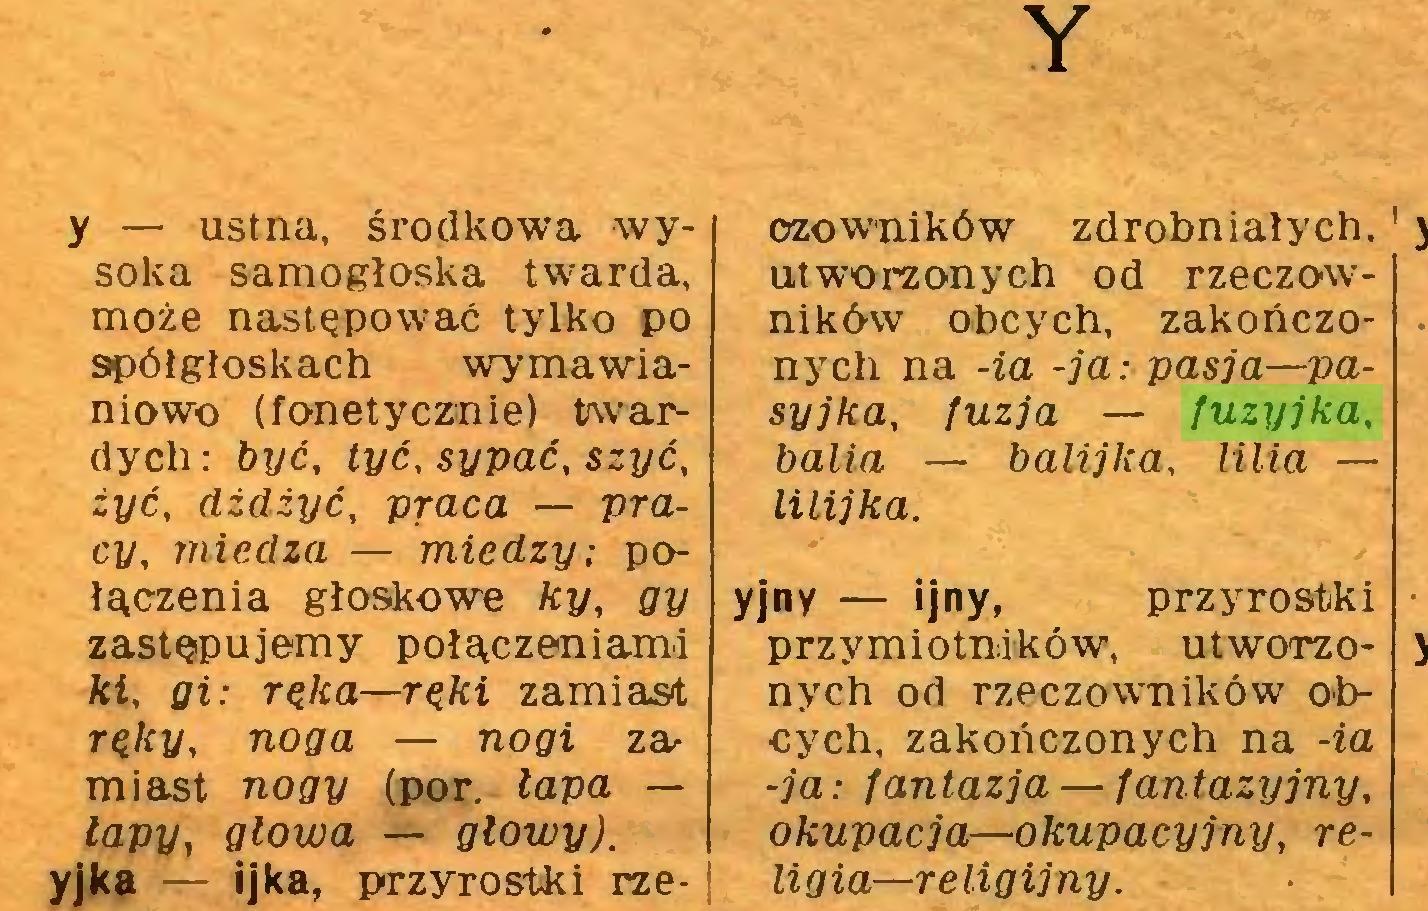 (...) yjka — ijka, przyrostki rze- Y ozowników zdrobniałych, utworzonych od rzeczownikńw obcych, zakończonych na -ia -ja: pasja—pasyjka, fuzja — fuzyjka, balia — balijka, lilia — lilijka...